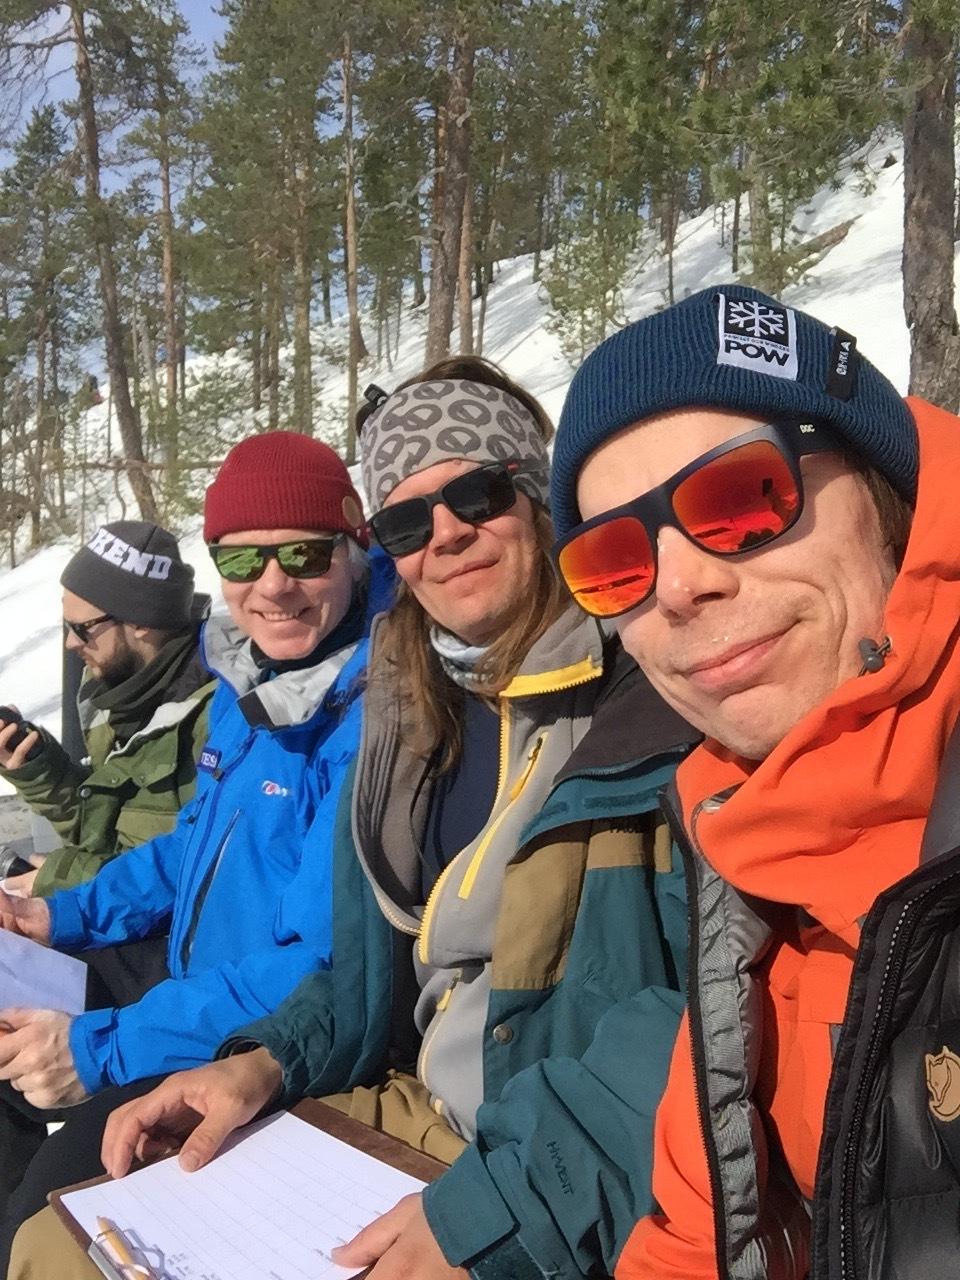 Original Free'kend - Pyhän Free'kend lähettiläät Jani Johansén (oik.) ja Ape Majava (toinen oik.) saapuvat kertomaan Kauppayhtiölle parhaista Pyhä-päivistään.